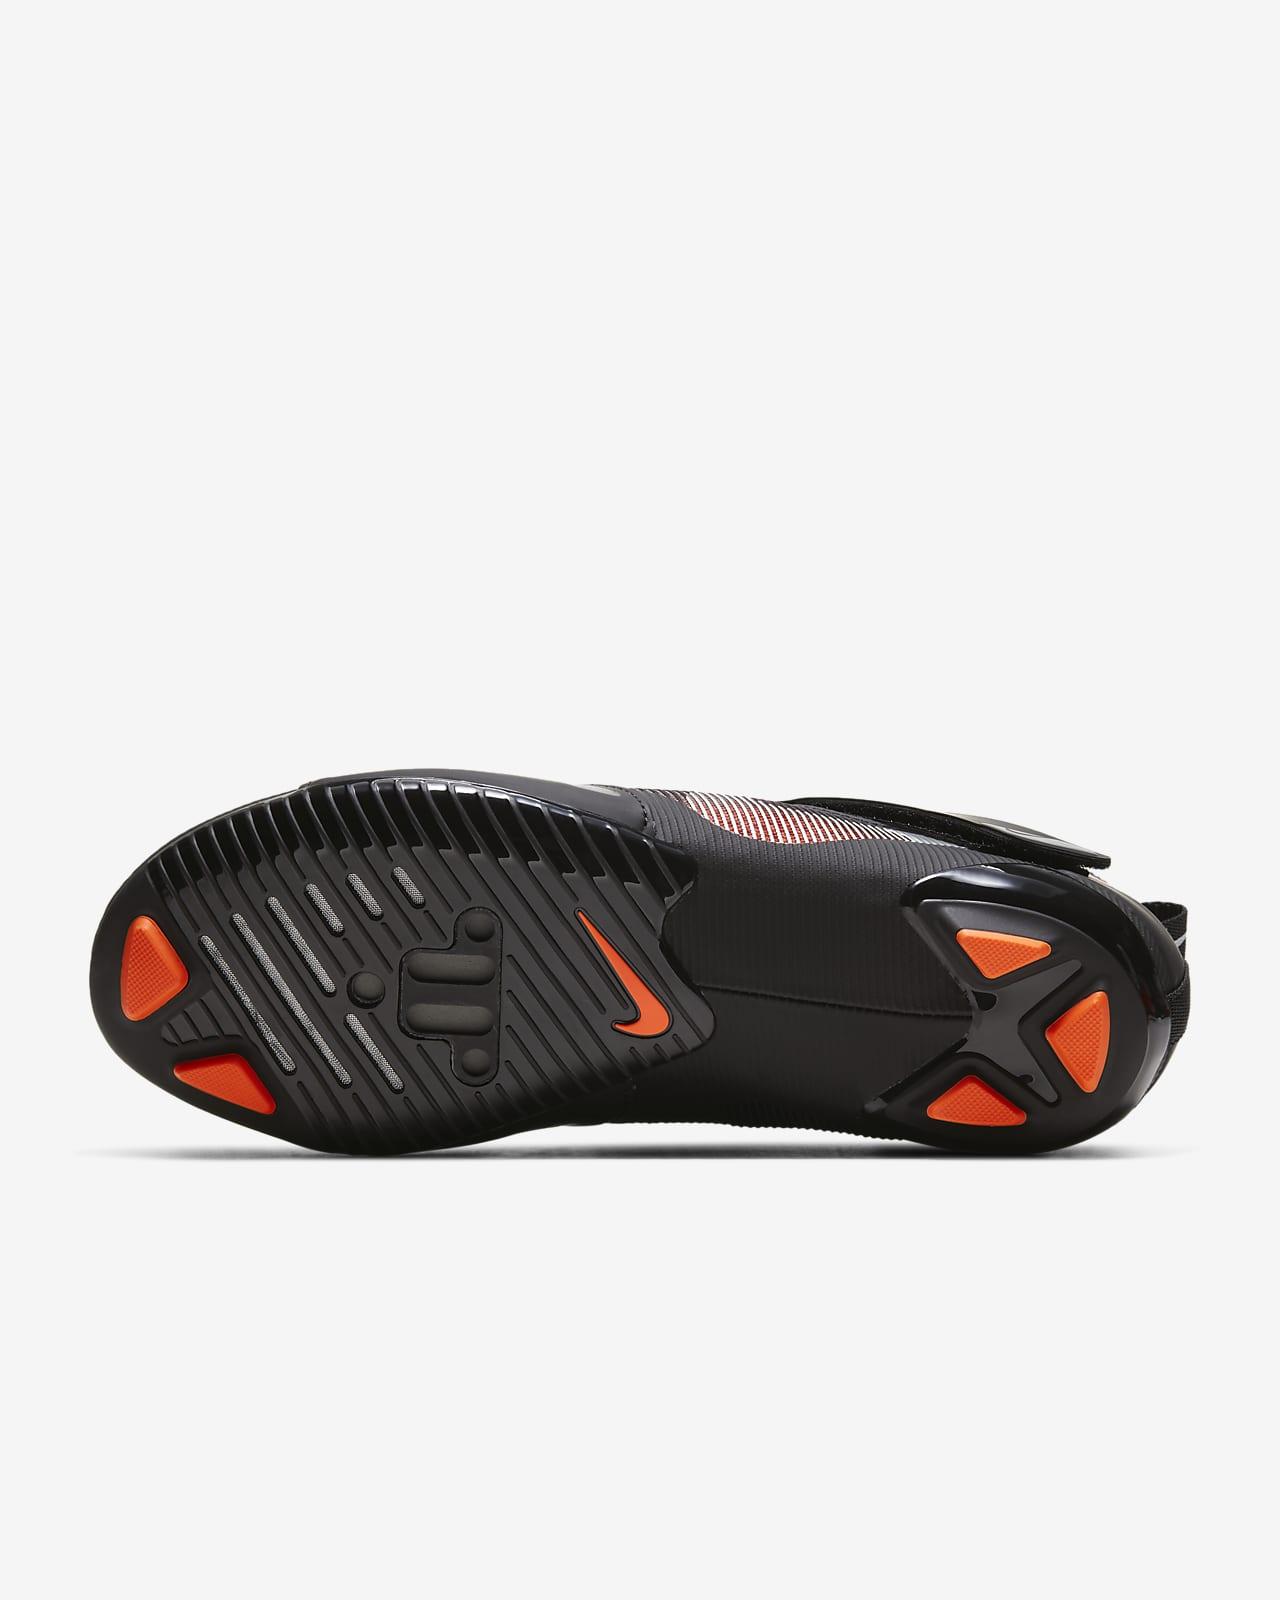 Chaussure de vélo en salle Nike SuperRep Cycle pour Homme